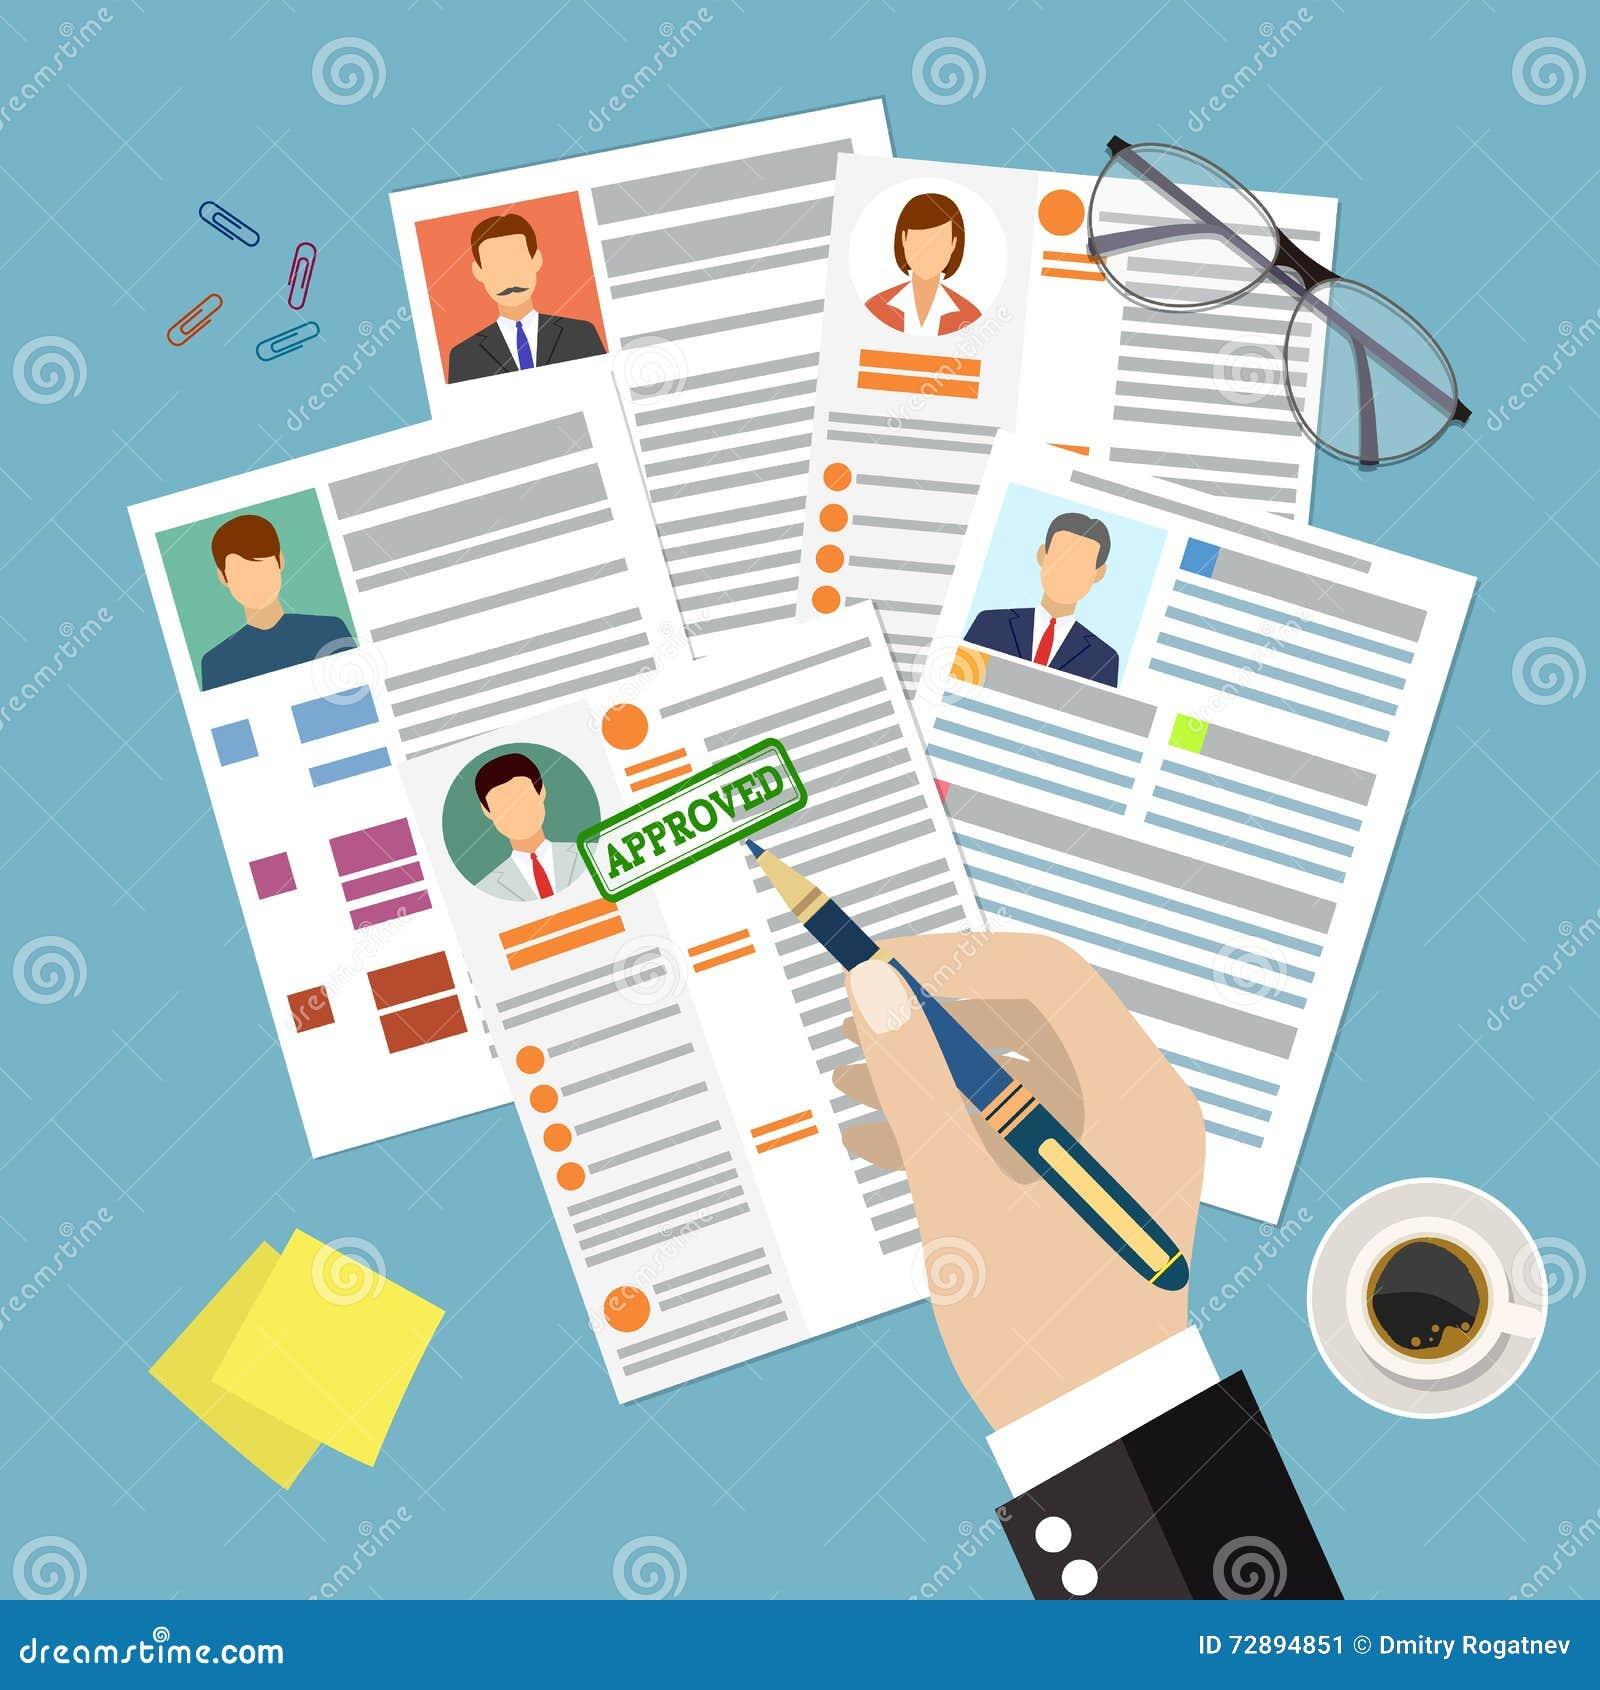 Curriculum Vitae Del Concepto Del Cv Con La Foto, Documentos ...